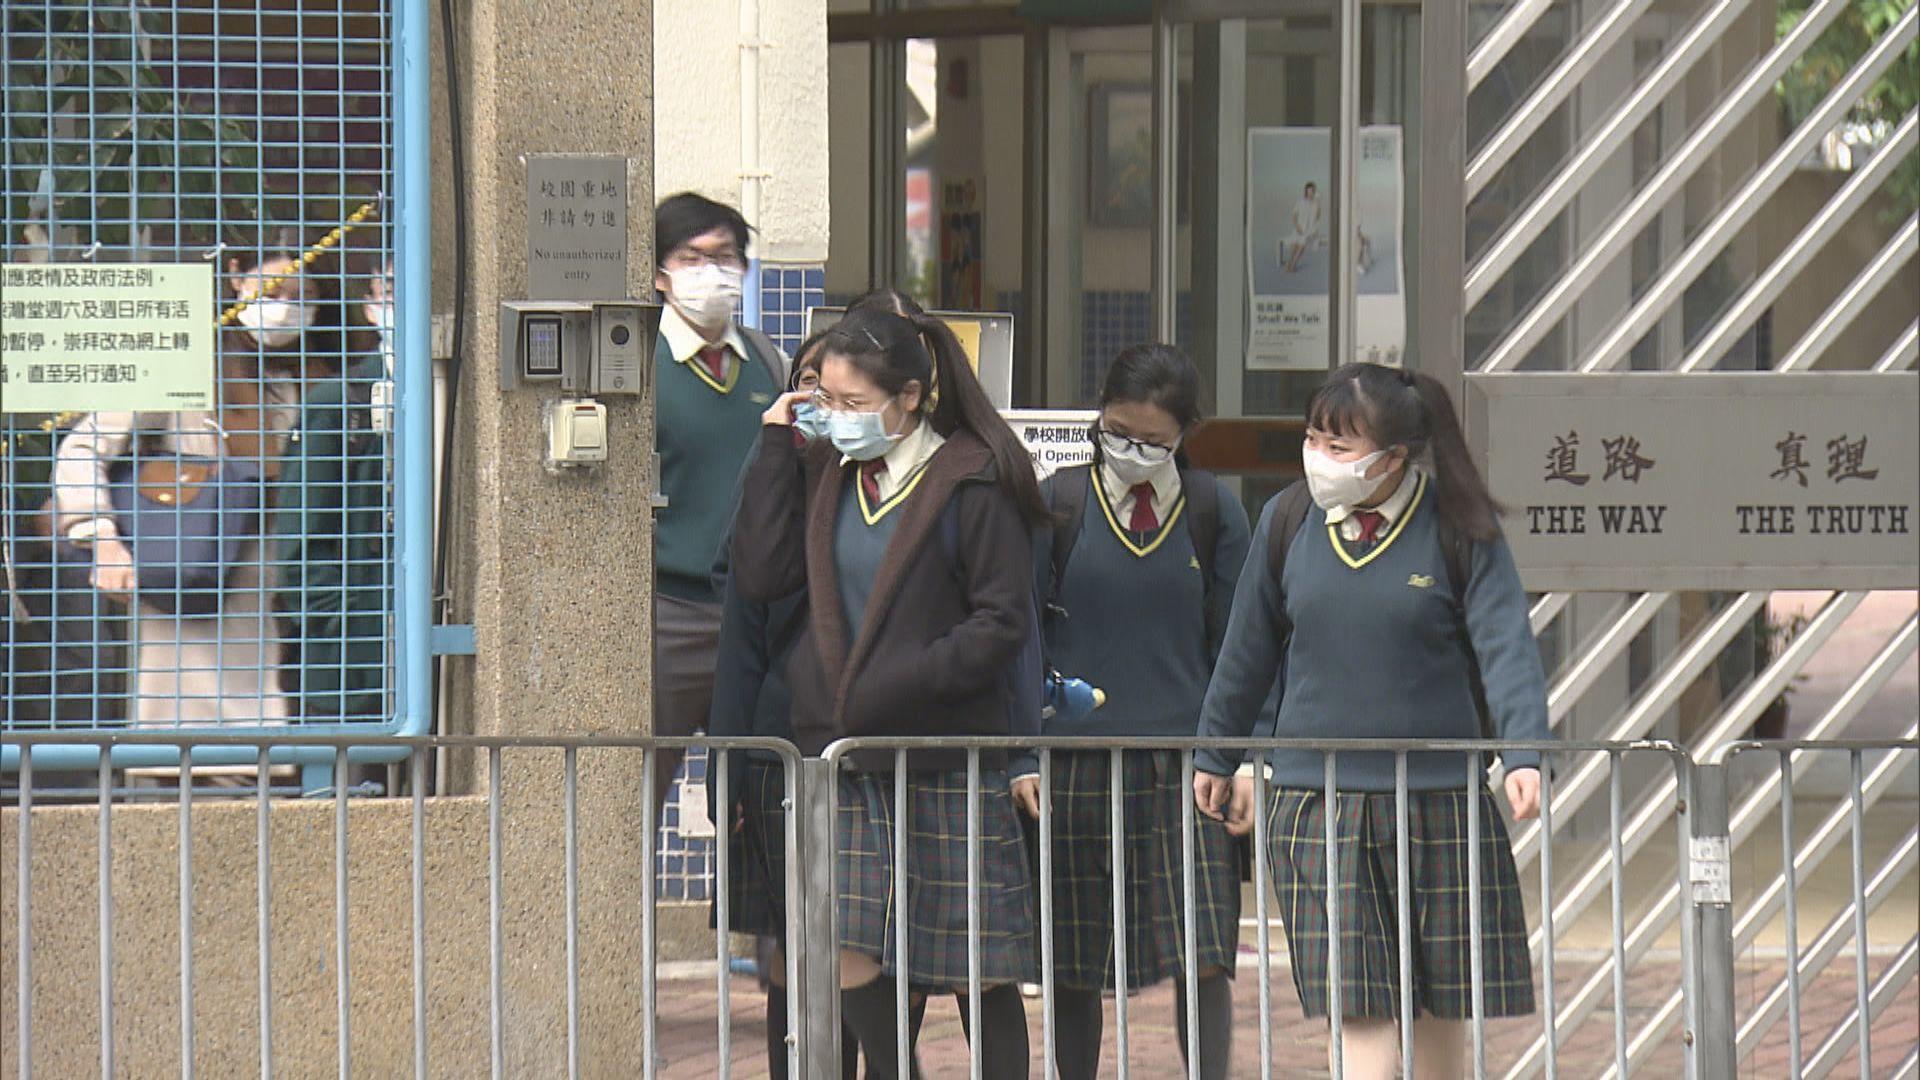 有小學擬安排五、六年級學生回校準備呈分試及升中